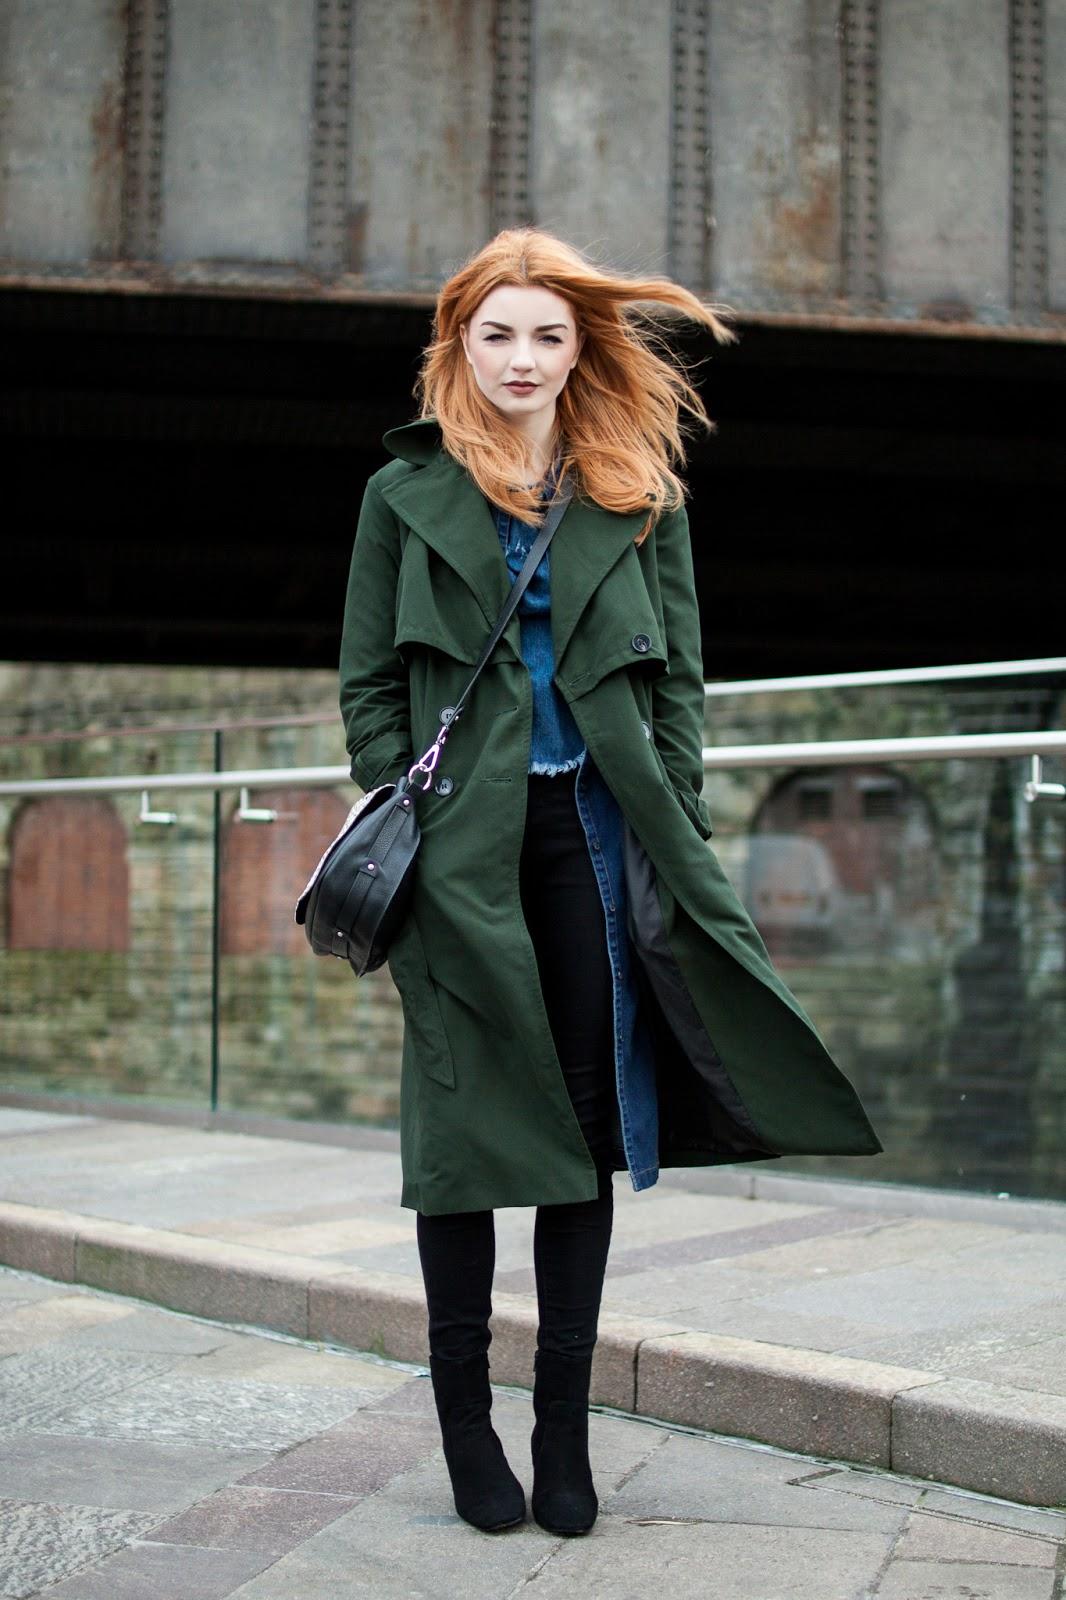 95702edf86e61 fashion blogger Archives - Hannah Louise Fashion